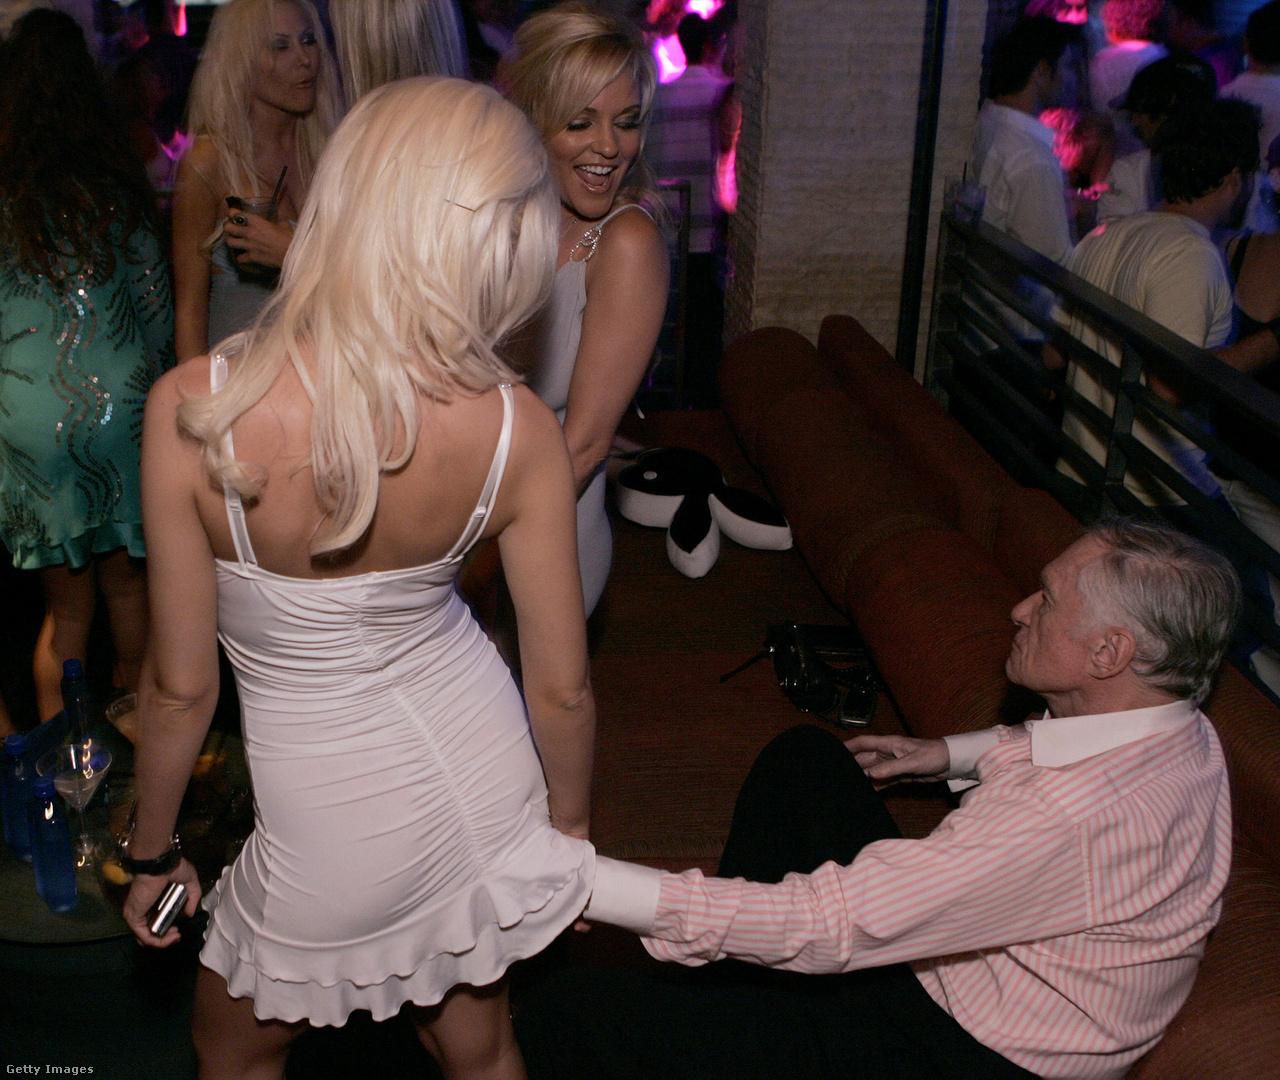 Holly Madison, Bridget Marquardt és Hugh Hefner a Skyy Vodka és a Playboy buliján, amelyet a 2006. augusztusi szám megjelenésére szerveztek